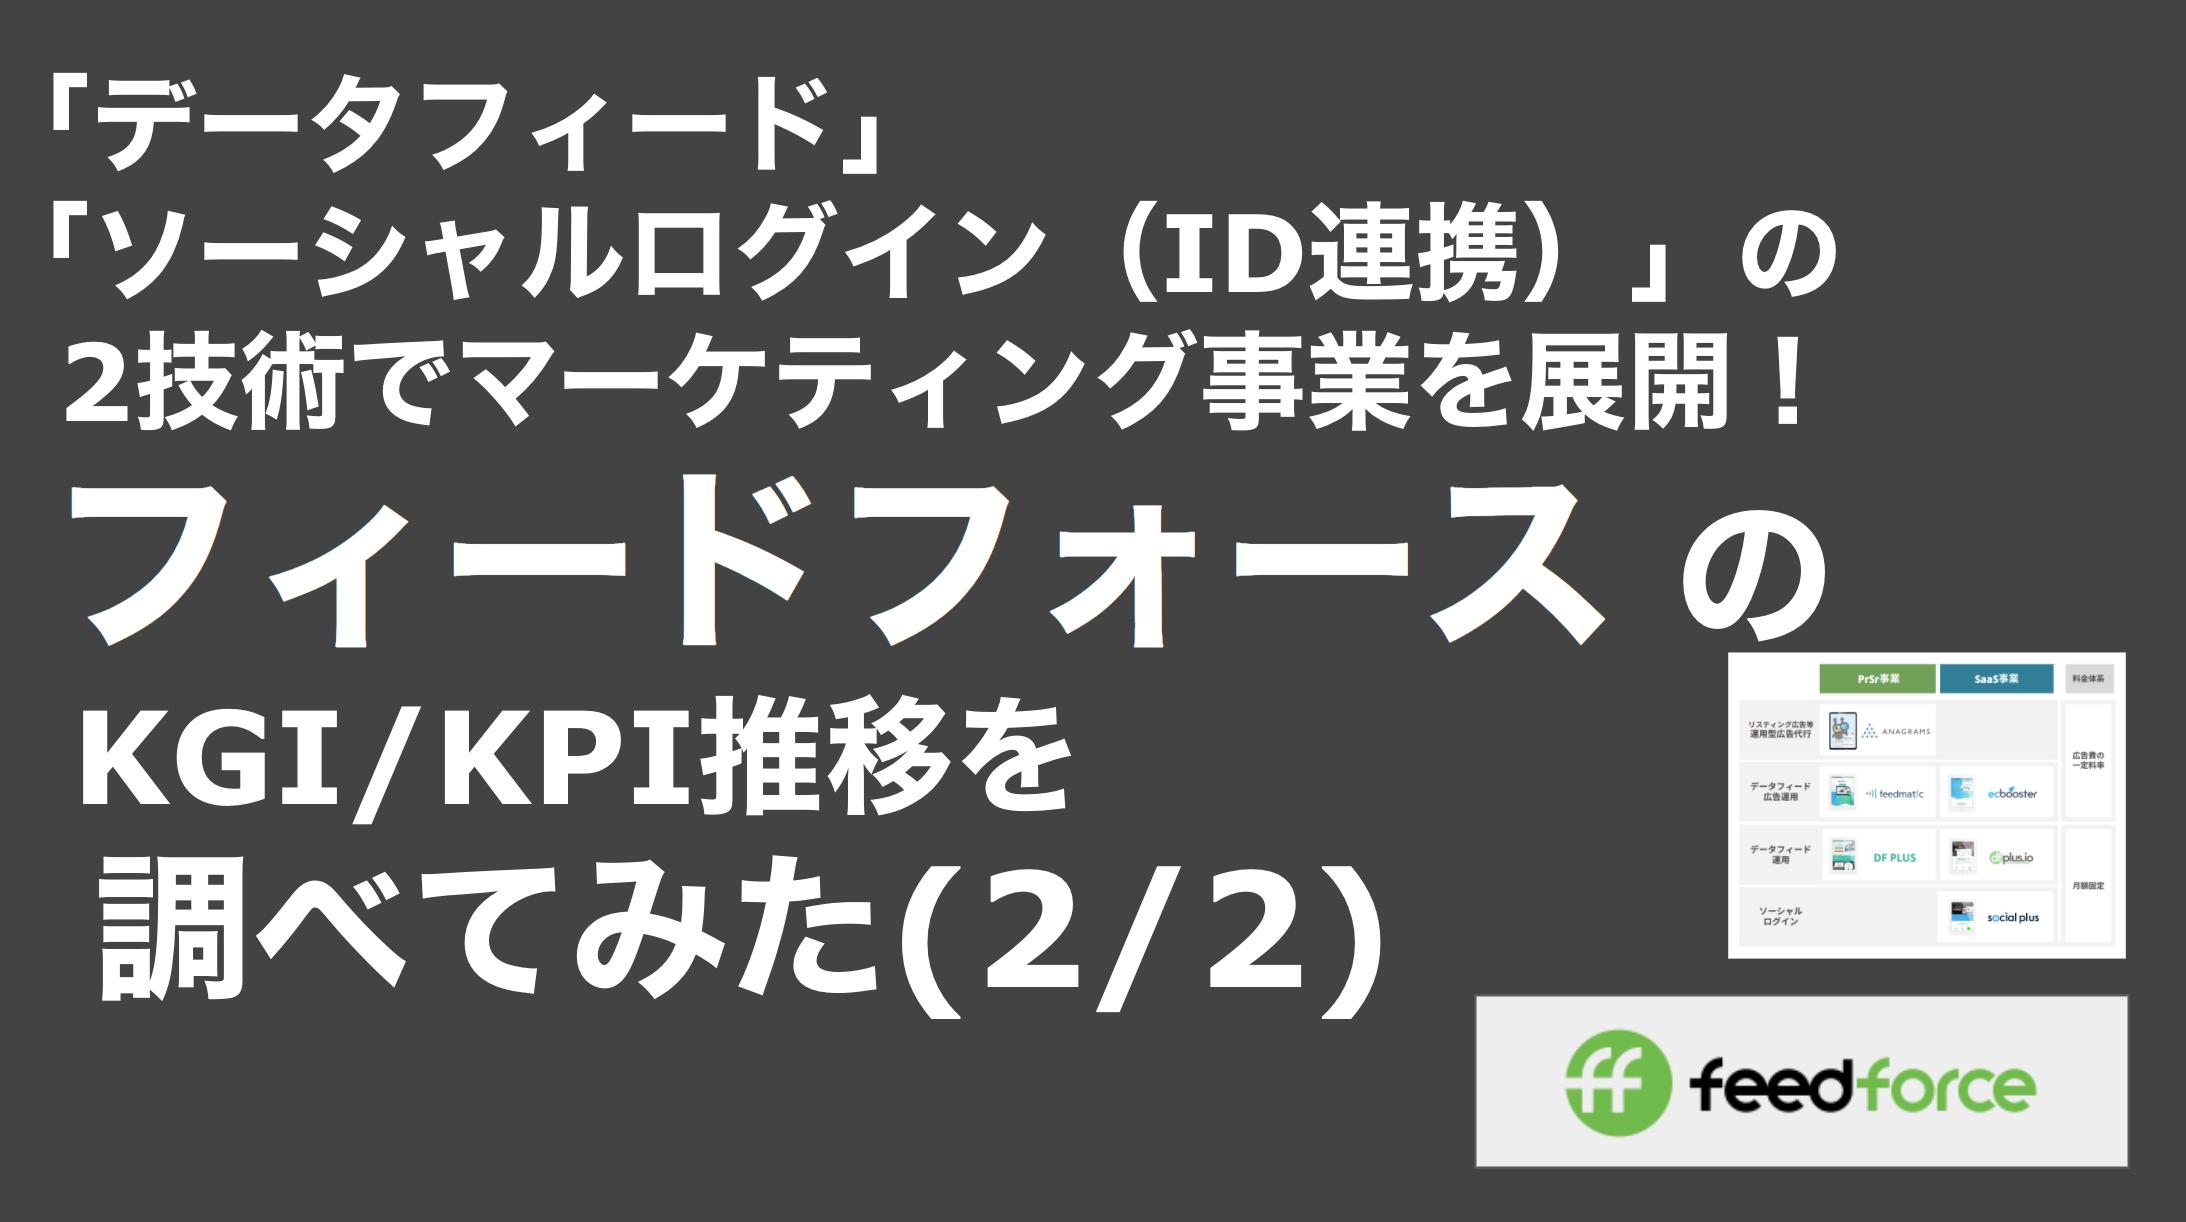 saaslife_「データフィード」「ソーシャルログイン(ID連携)」の2技術でマーケティング事業を展開!フィードフォース のKGI/KPI推移を調べてみた(2/2)